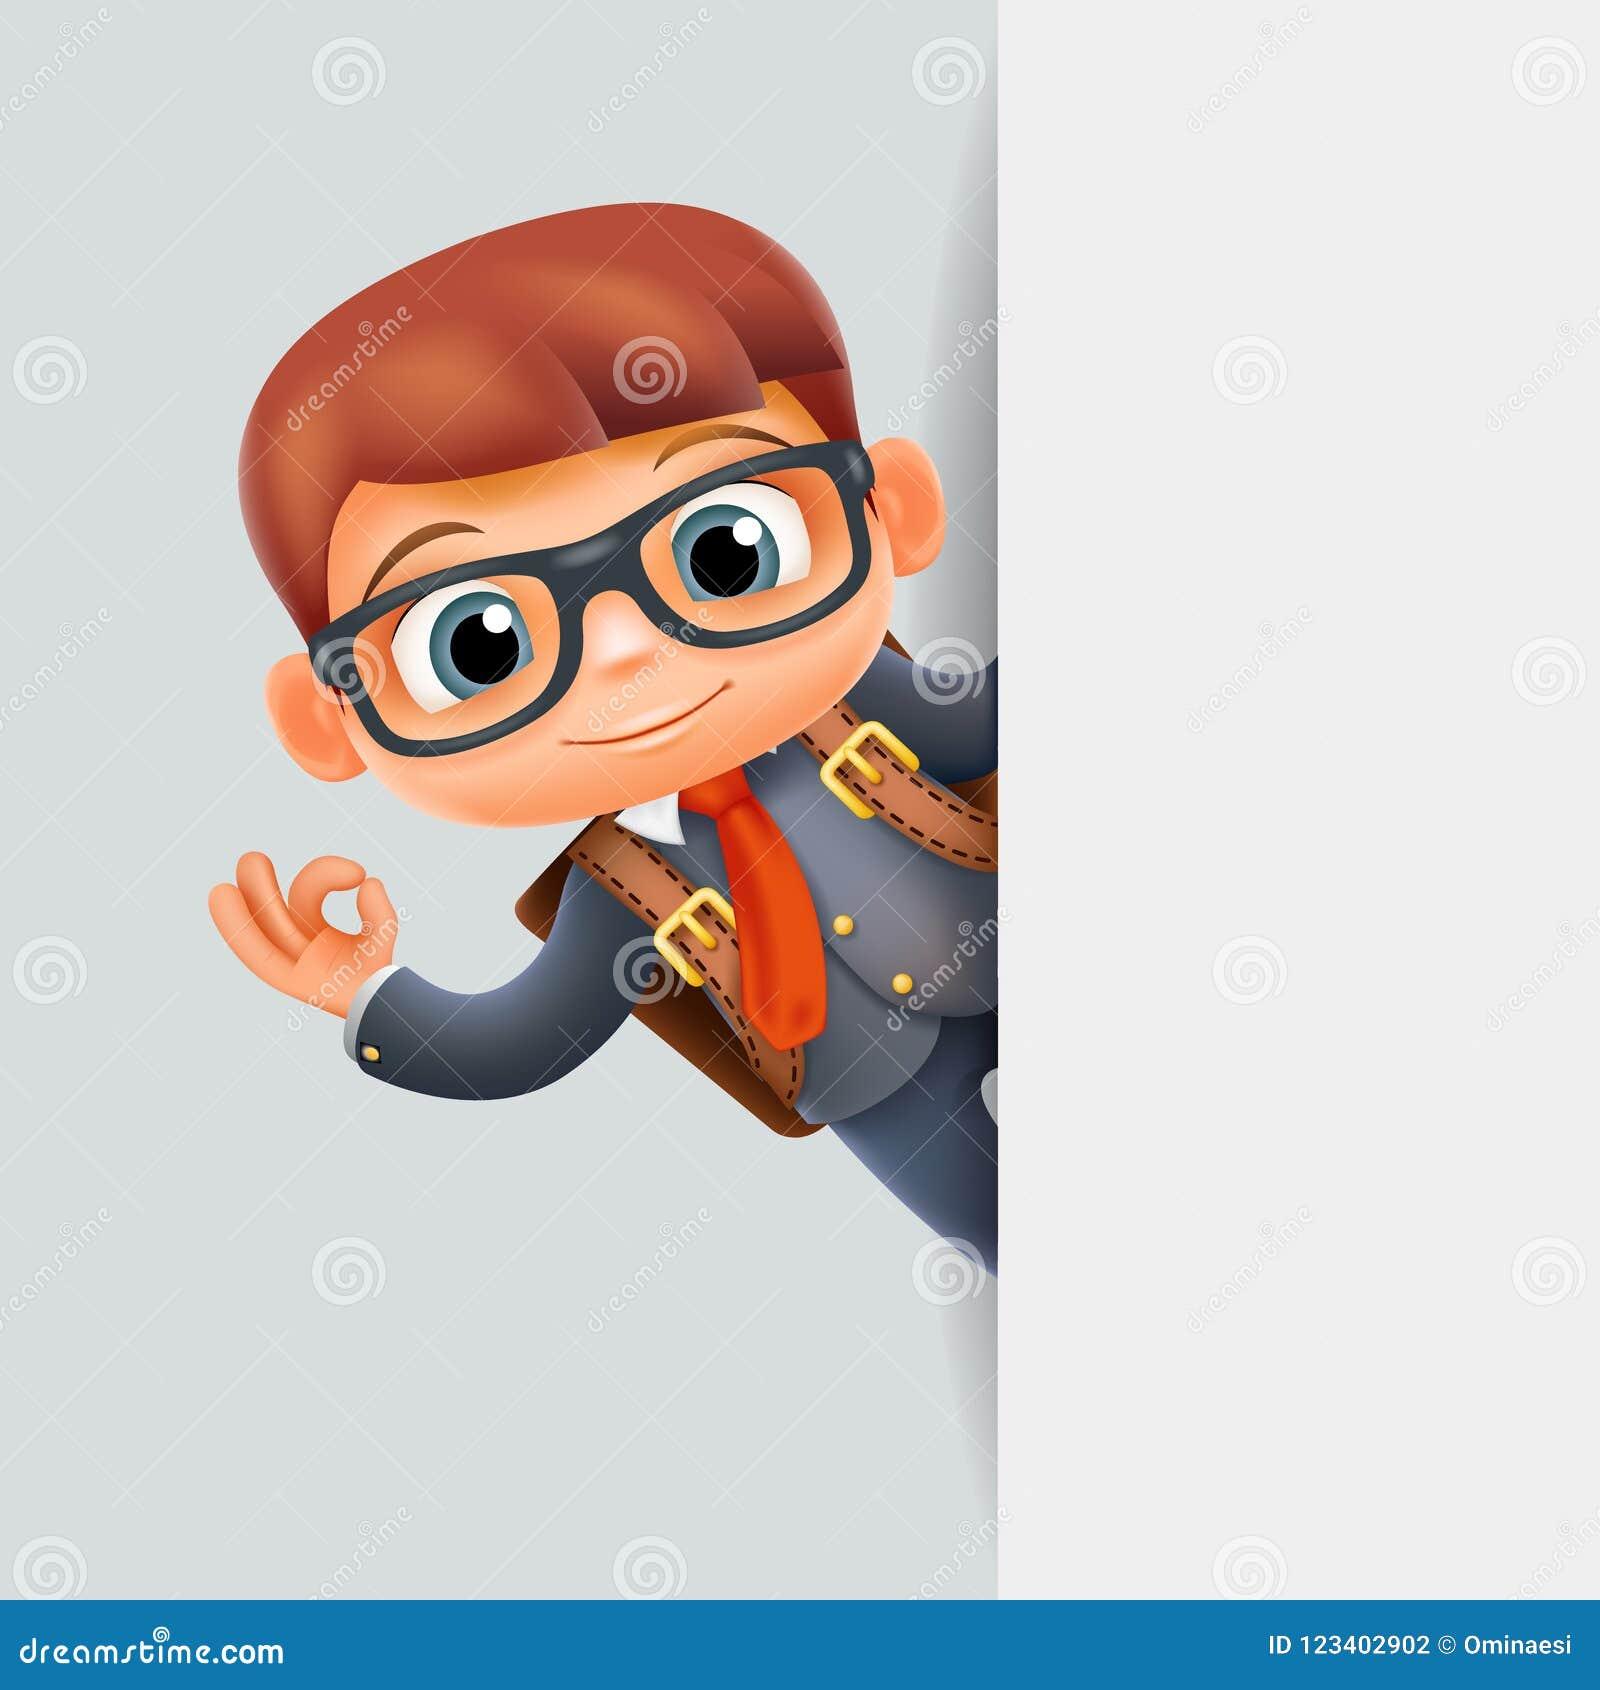 Personaje De Dibujos Animados Excelente Del Escondrijo 3d Del Alumno